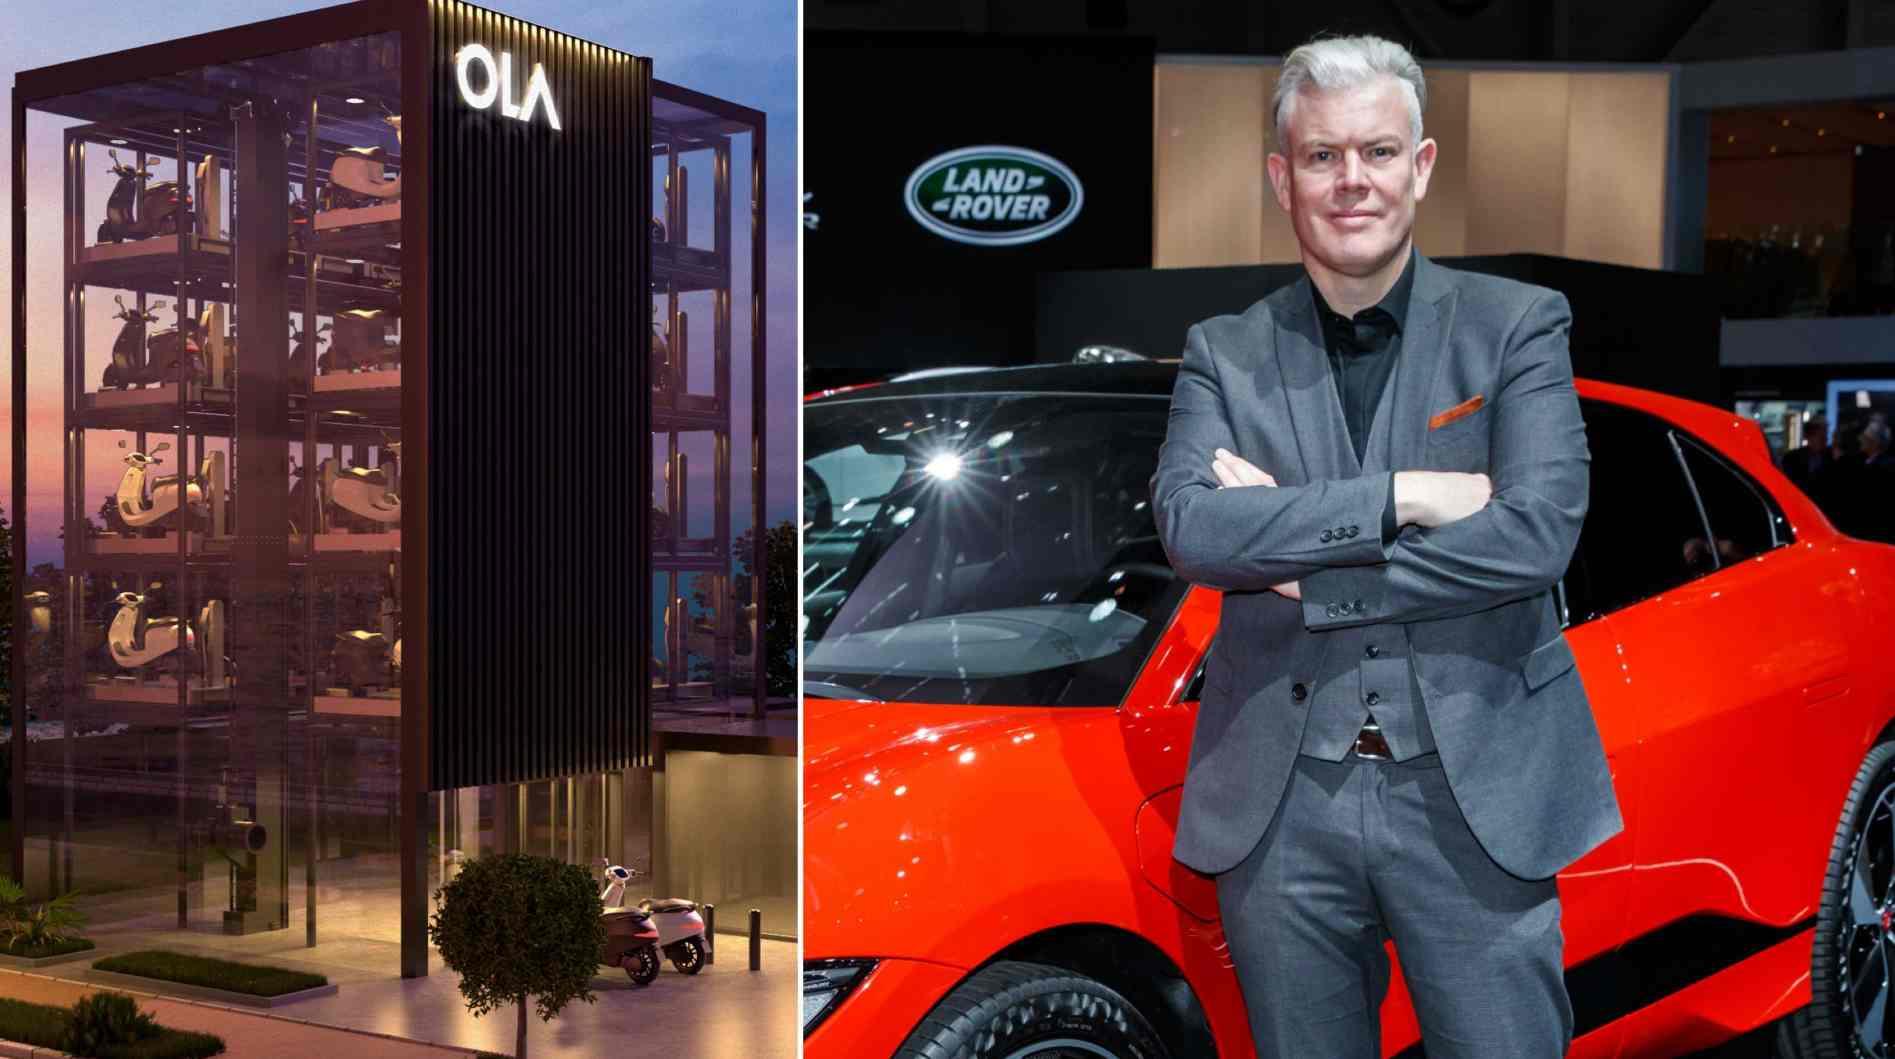 Burgess dirigera le processus de conception de l'ensemble de la gamme de produits d'Ola Electric, y compris les scooters, les vélos, les voitures et plus encore, a déclaré la société dans un communiqué.  Image: Ola Electric / Jaguar / Tech2